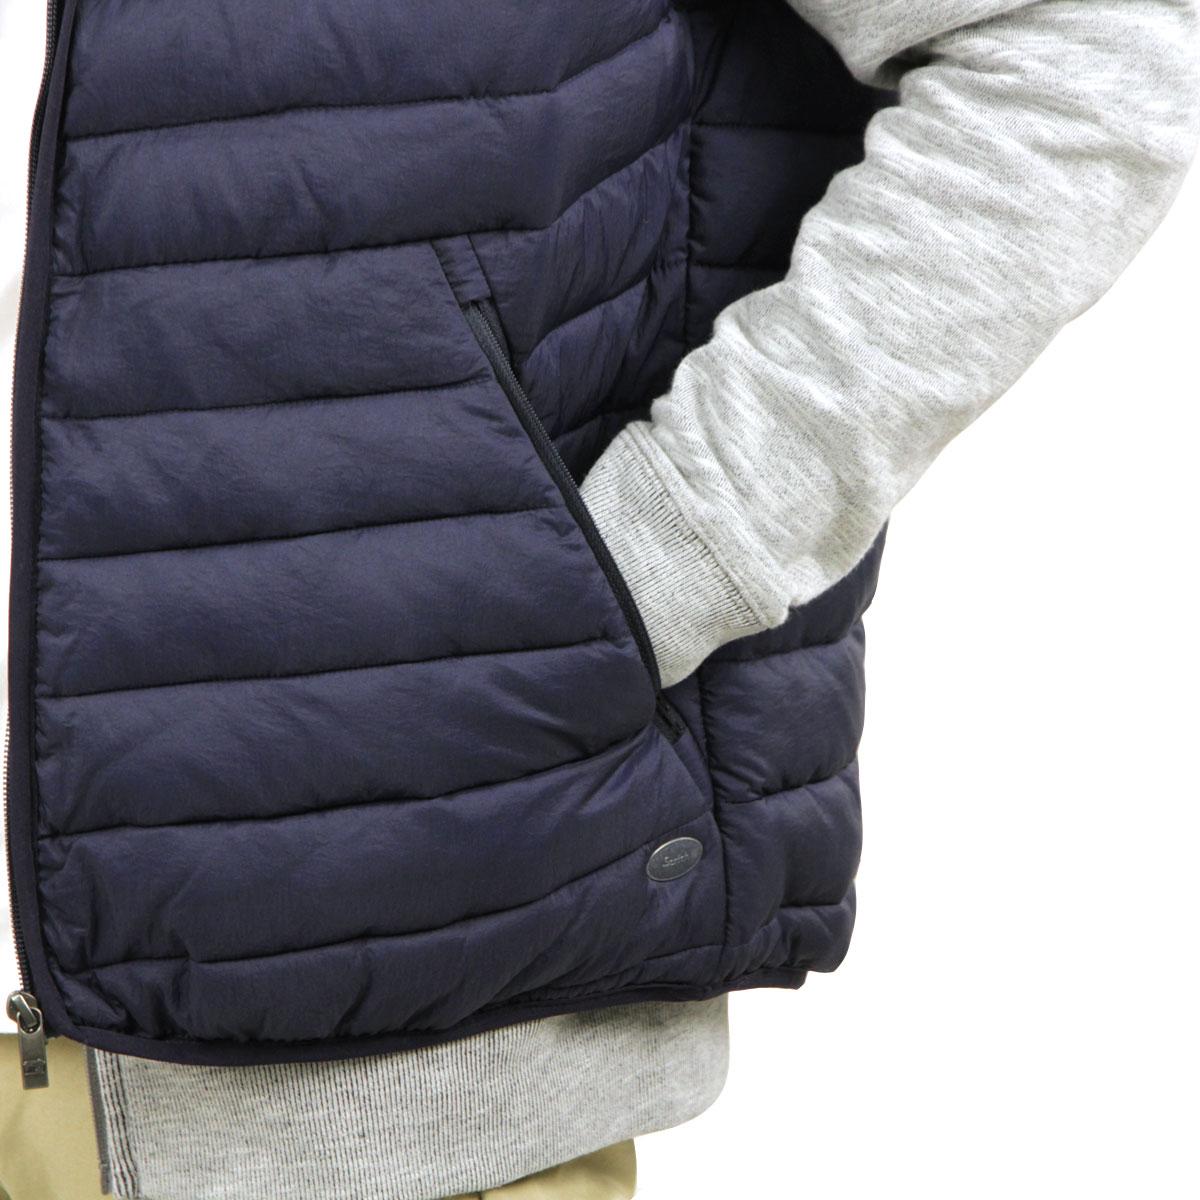 苏格兰威士忌和苏打威士忌 & sod 正规的销售店男装外套最好连帽的 bodywrmer。 132159 57 10P28Sep16